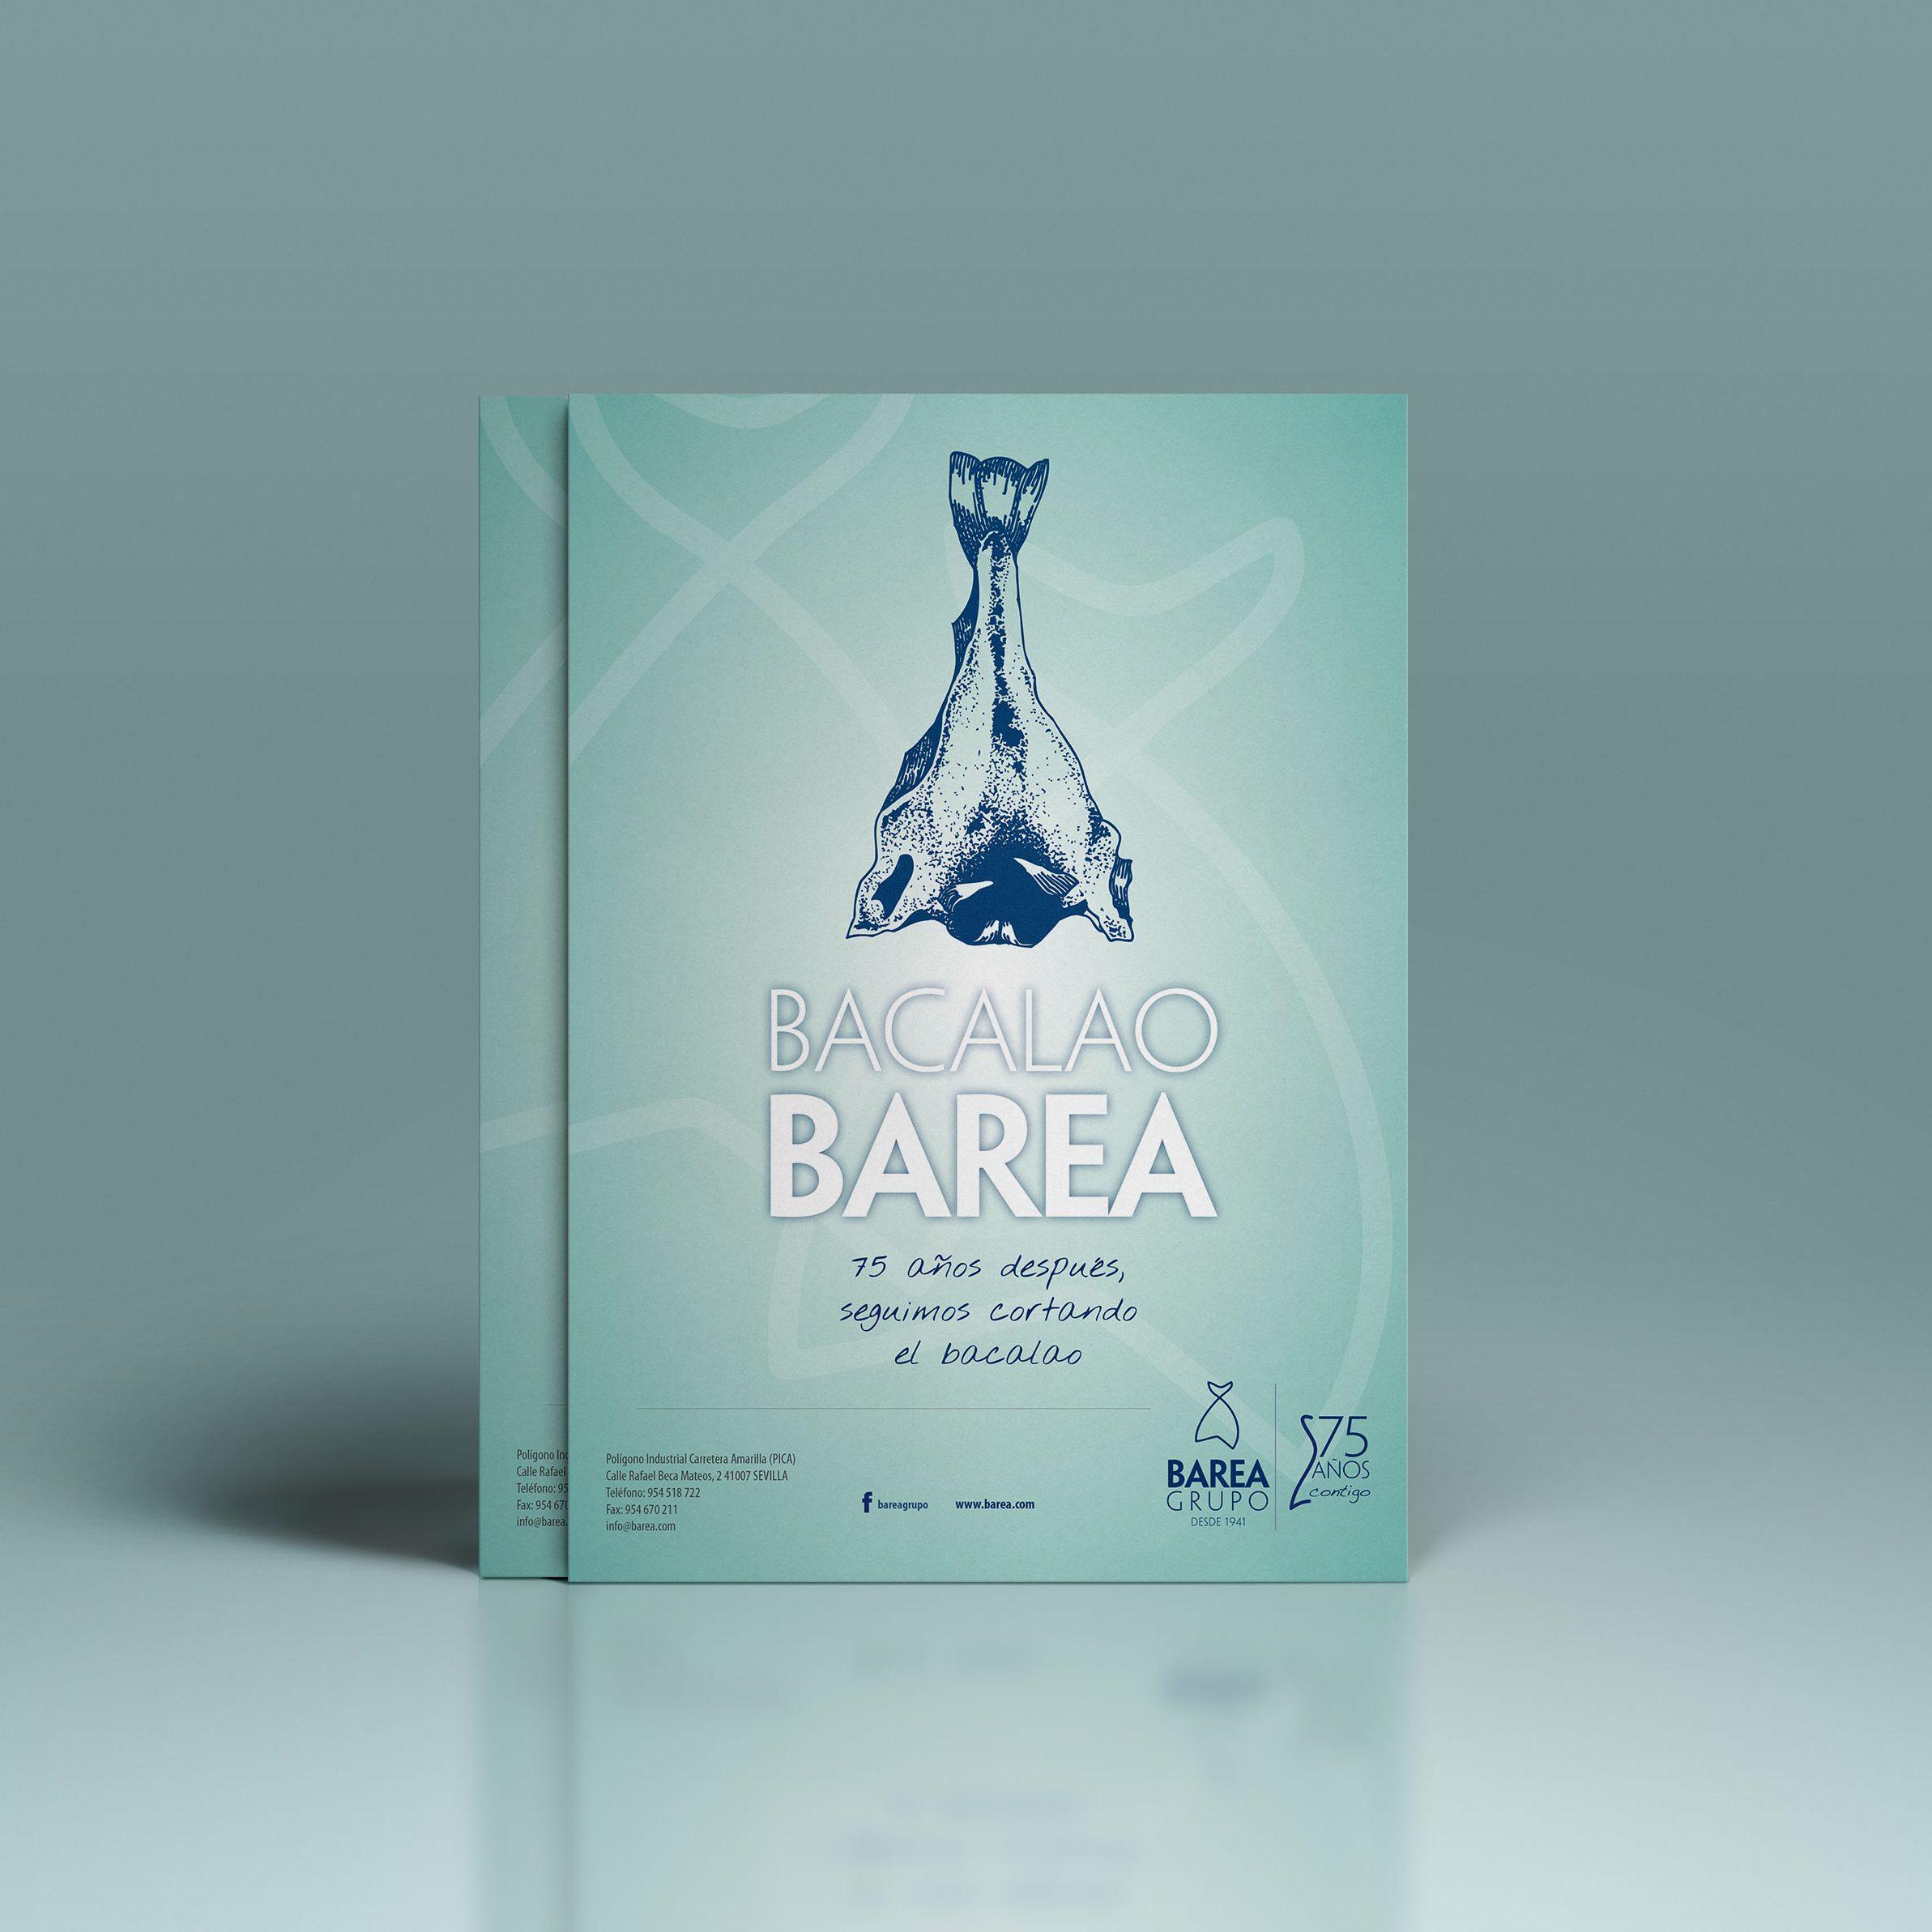 anuncio_bacalao_barea_grupo_textura